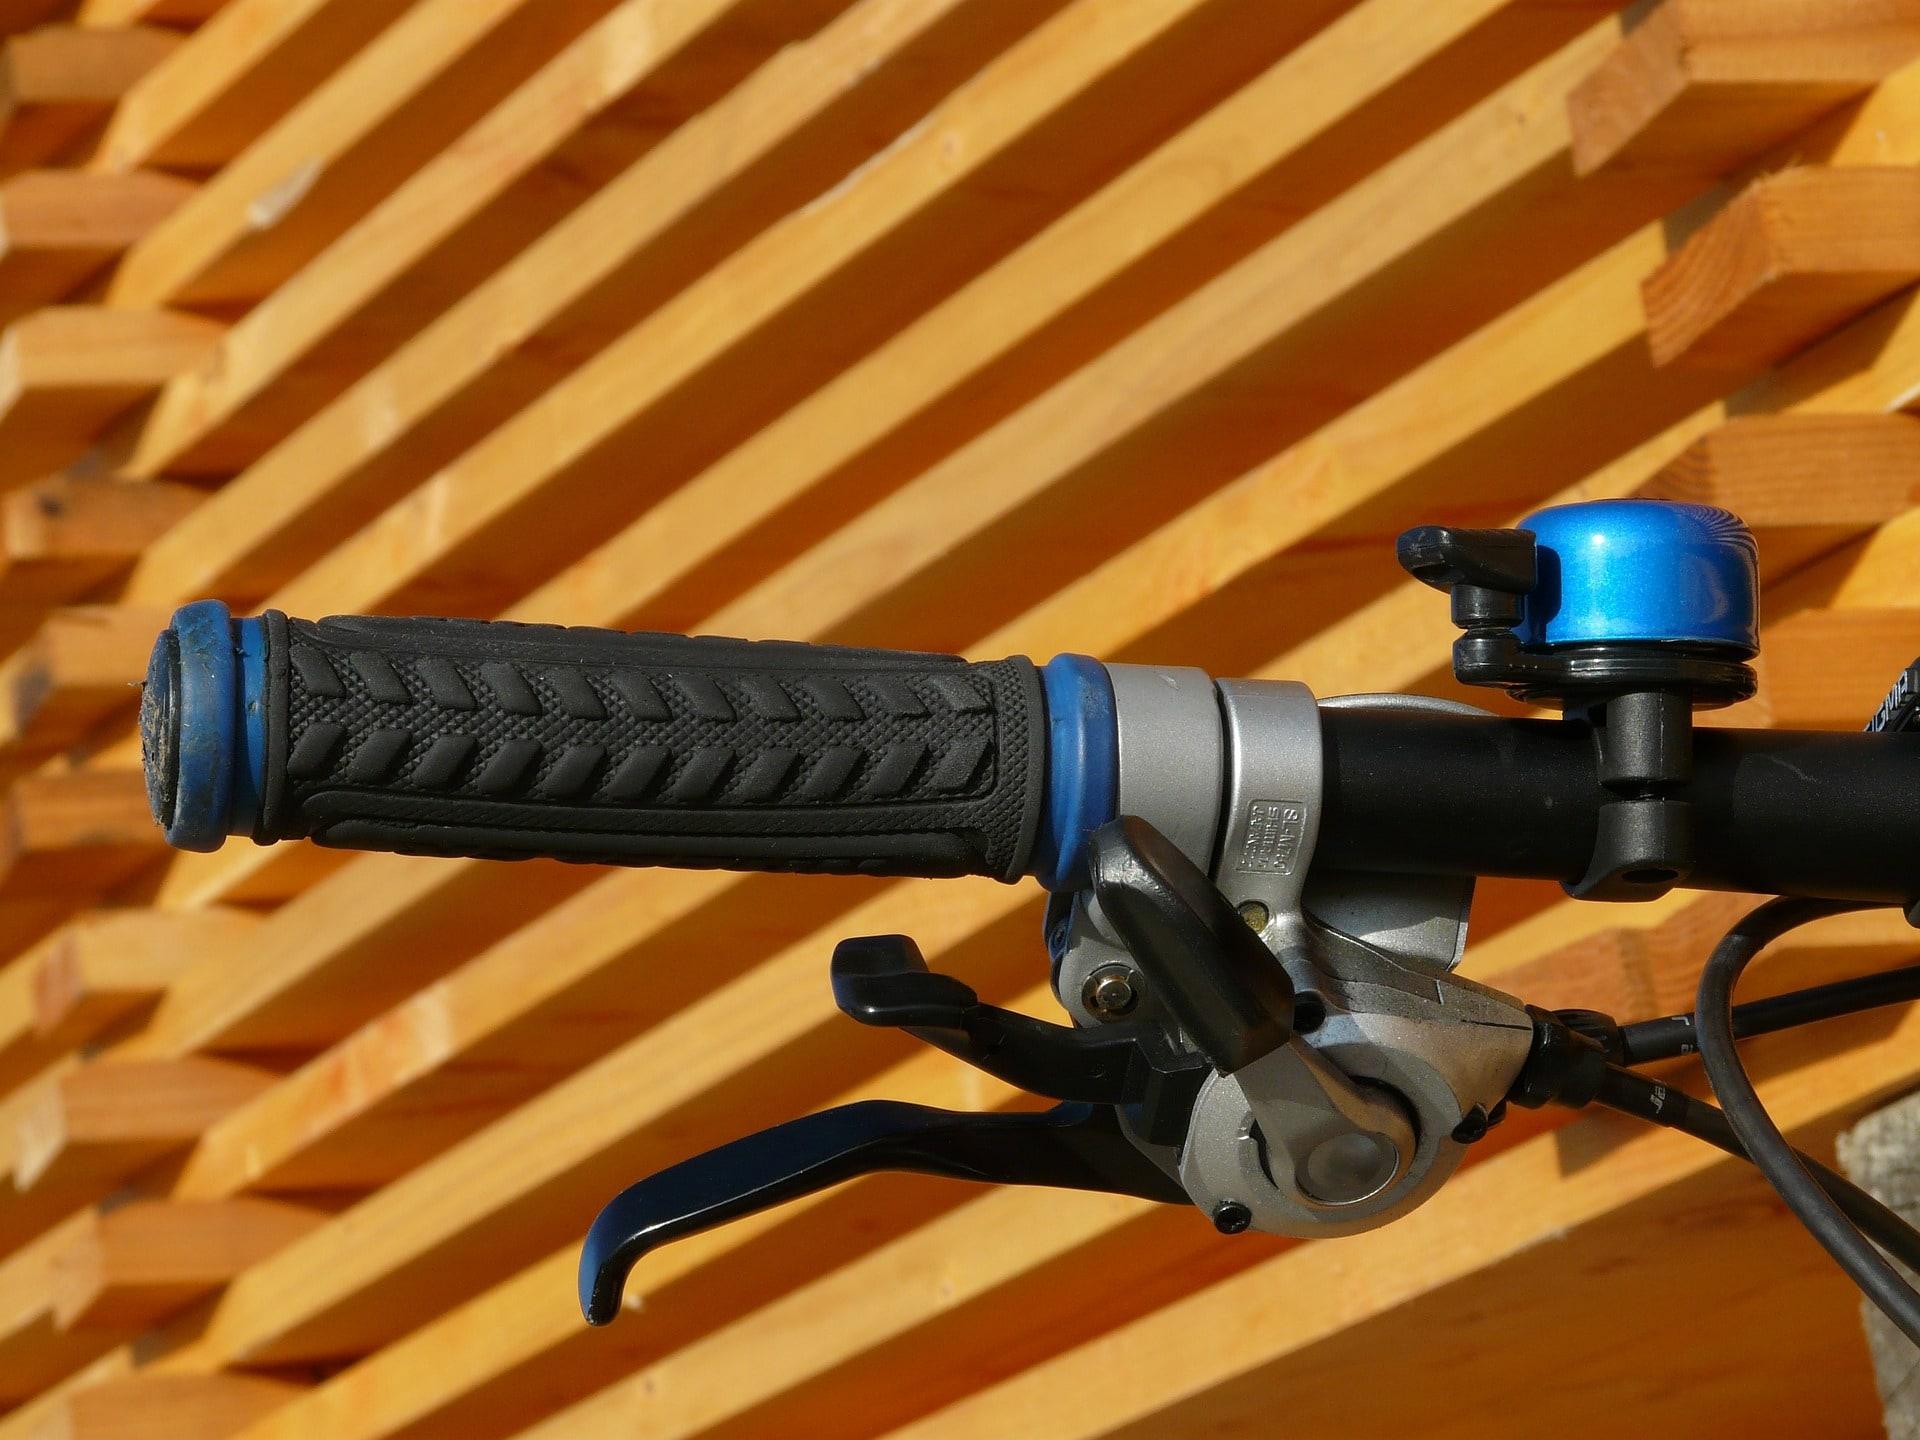 fahrradgriffe im vergleich ergonomisch gr en rechner. Black Bedroom Furniture Sets. Home Design Ideas